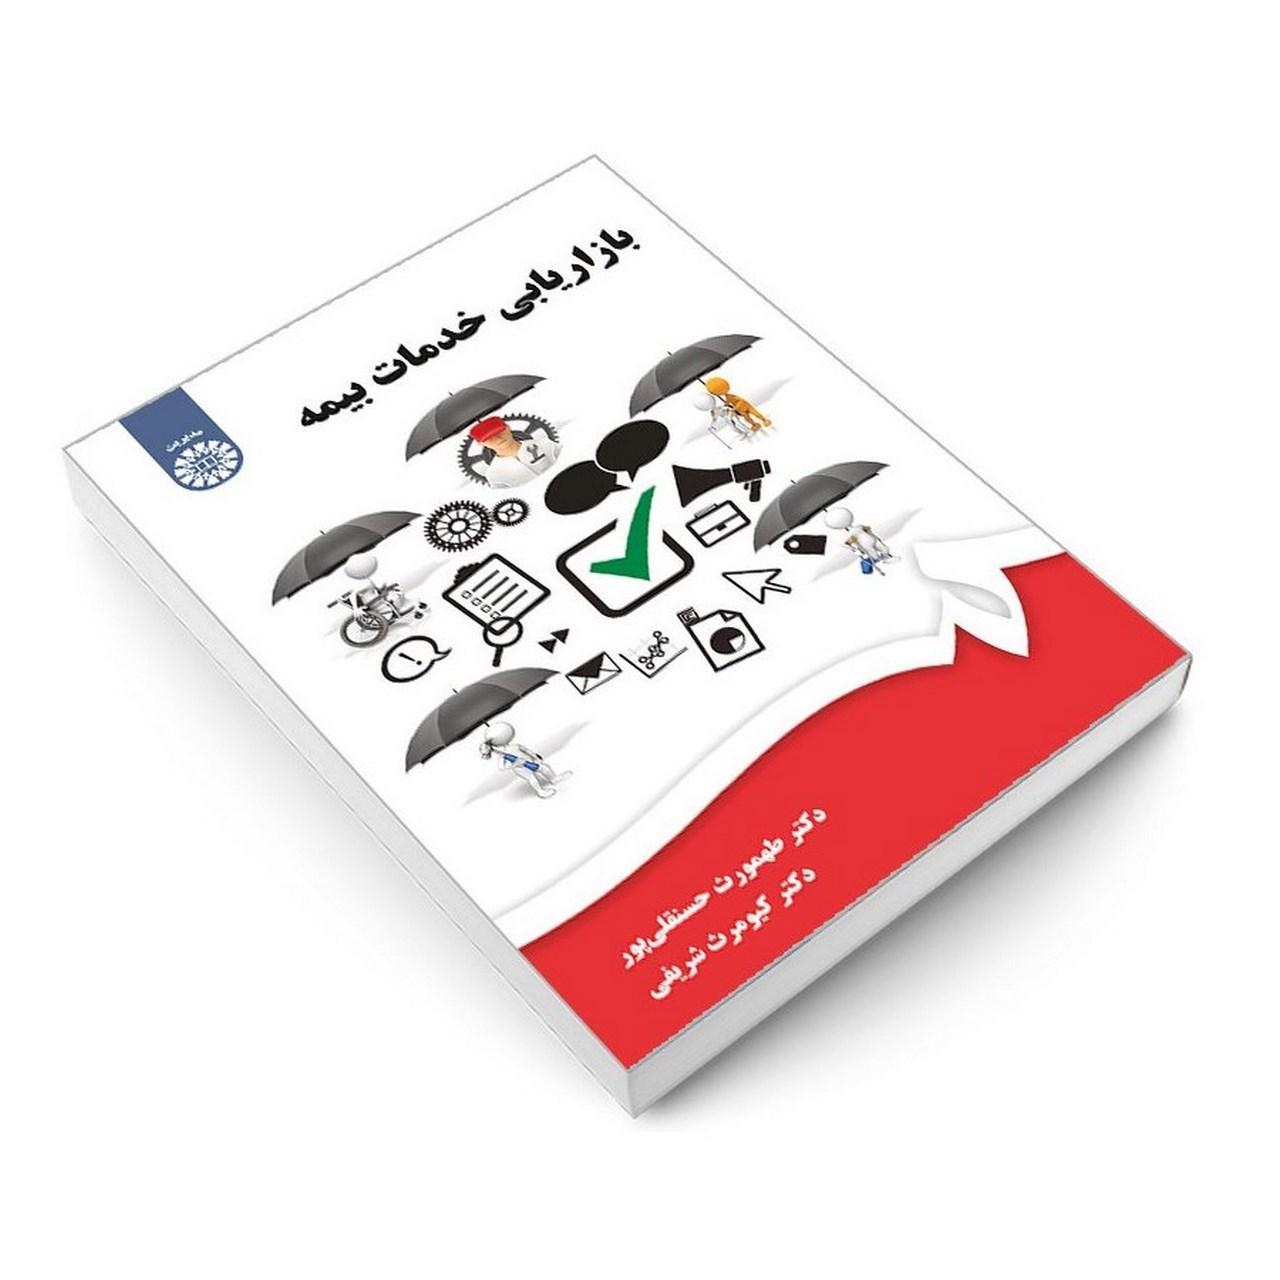 خرید                      کتاب بازاریابی خدمات بیمه اثر دکتر طهمورث حسنقلی پور و دکتر کیومرث شریفی نشر سمت